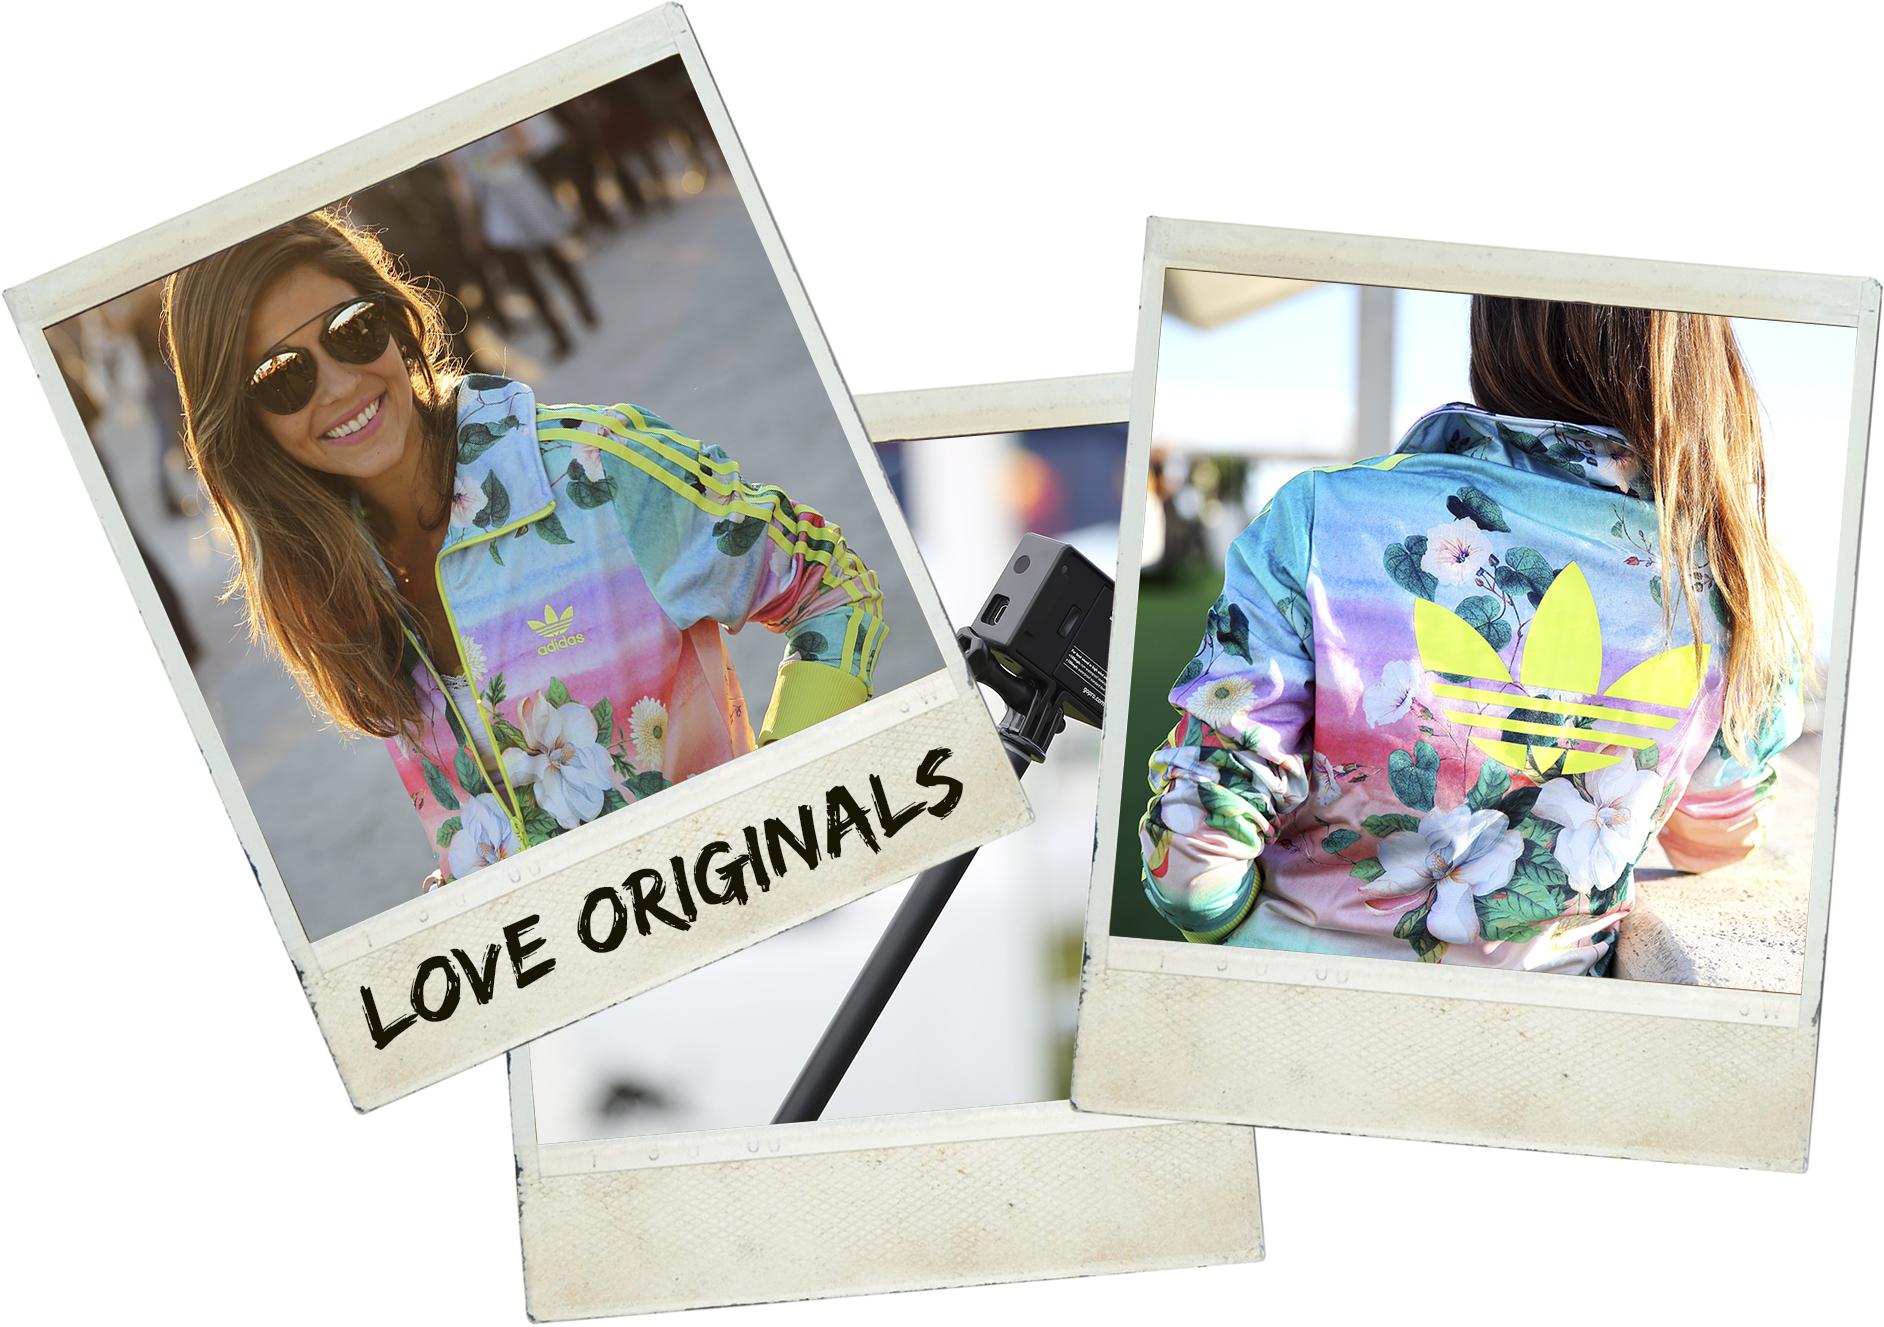 trendy_taste-look-outfit-street_style-ootd-blog-blogger_españa-fashion_spain-moda_españa-festival-primavera_sound-adidas_originals-stan_smith-barcelona-camiseta-zapas-polaroid